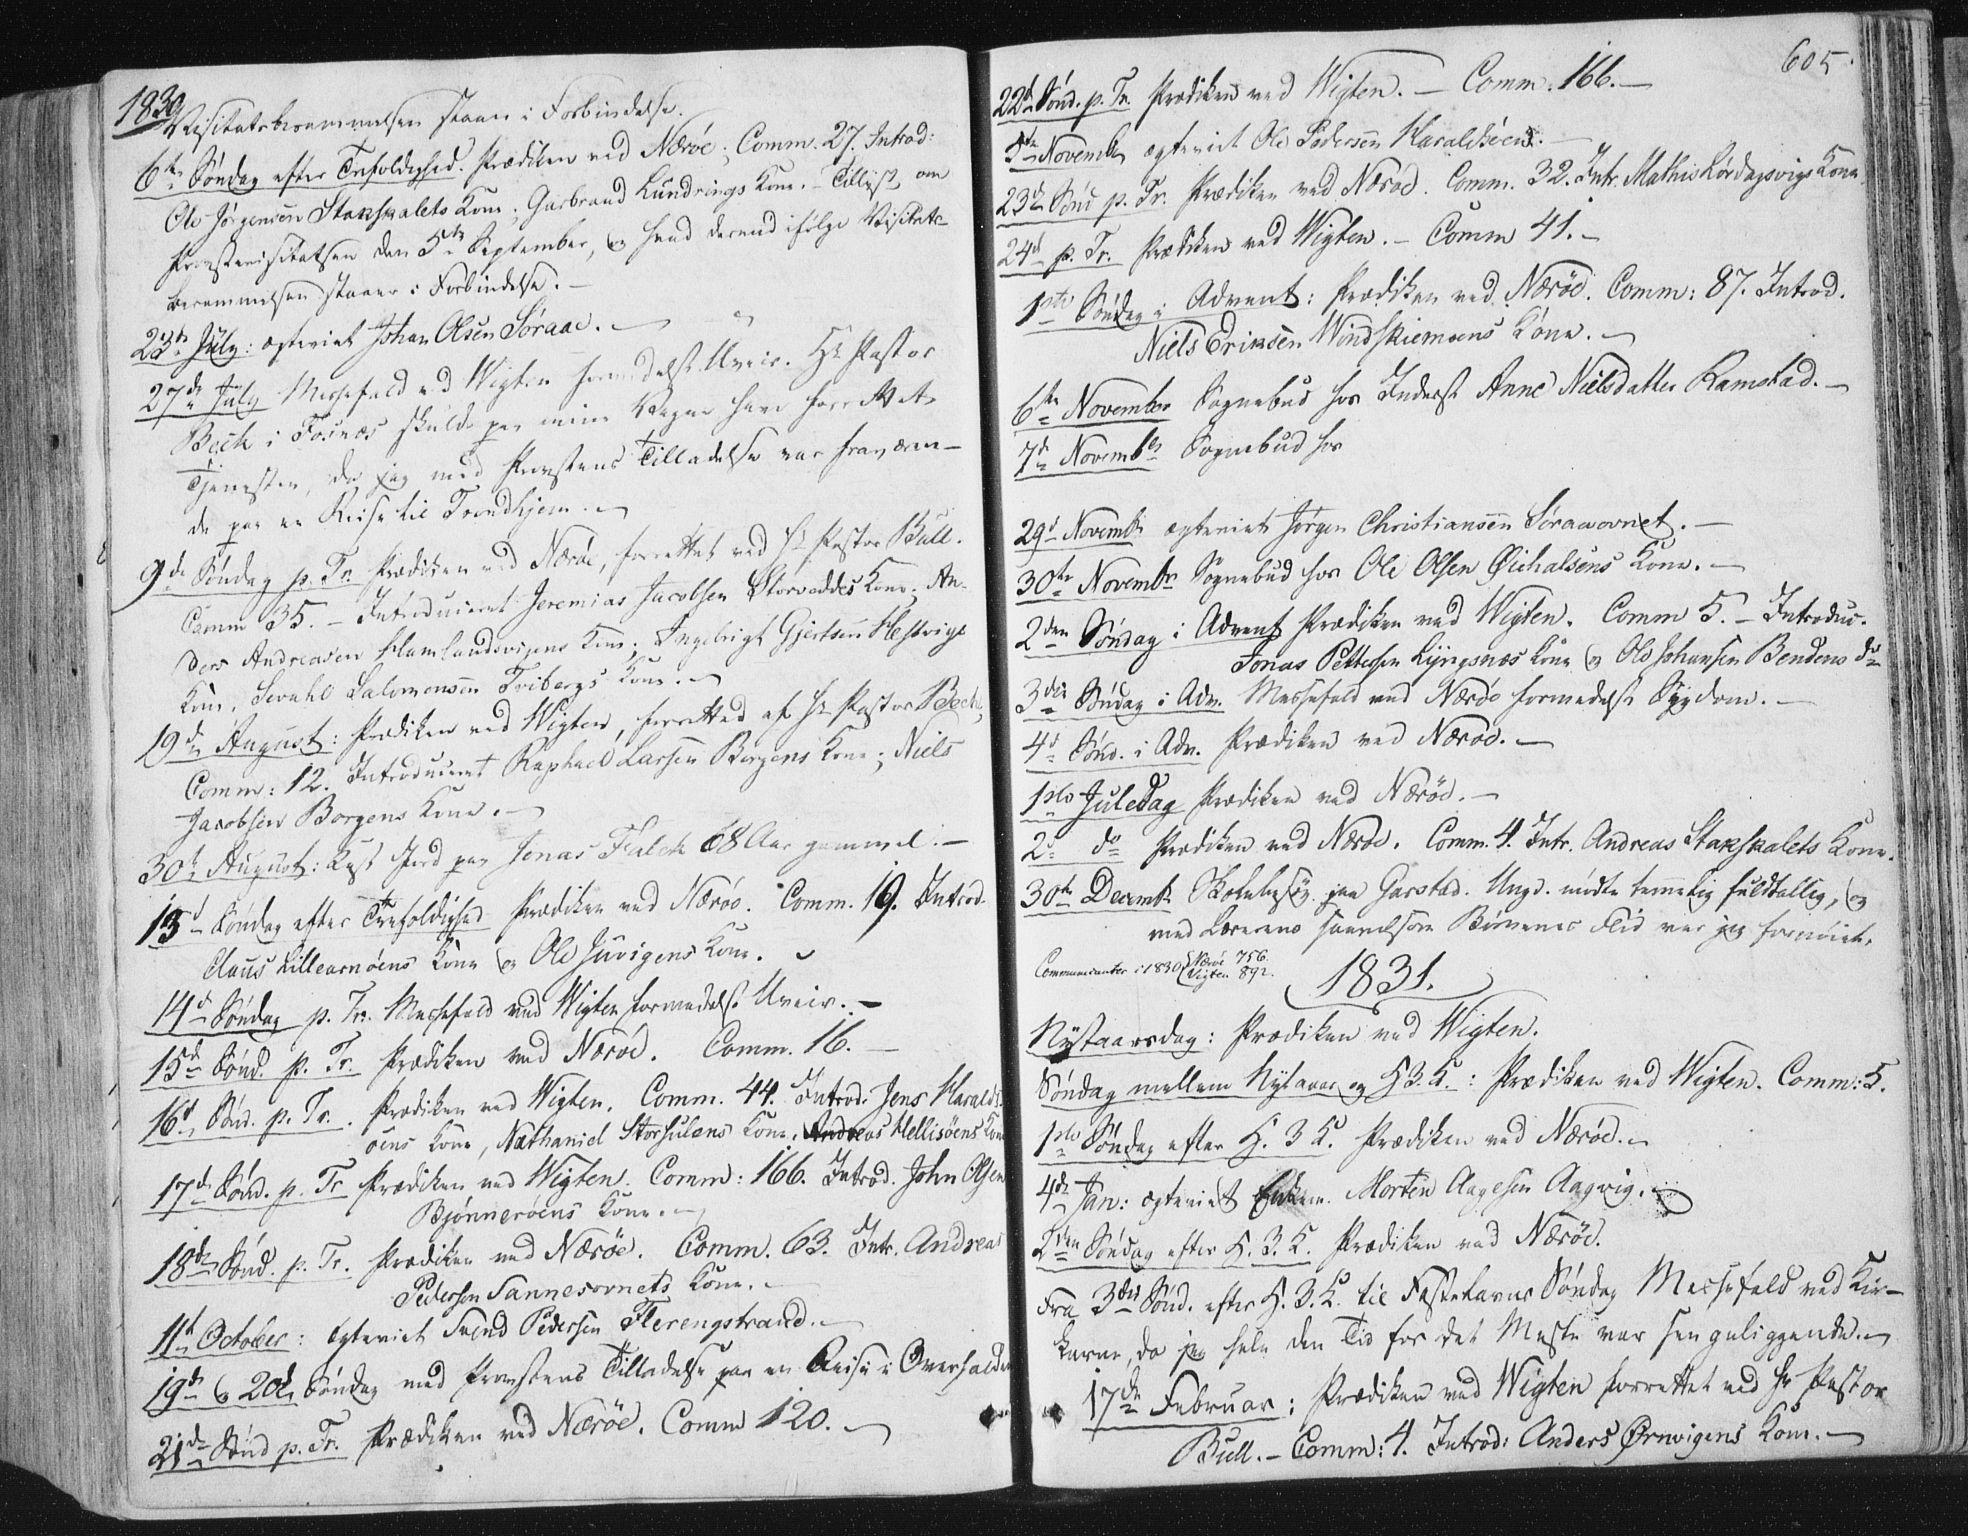 SAT, Ministerialprotokoller, klokkerbøker og fødselsregistre - Nord-Trøndelag, 784/L0669: Ministerialbok nr. 784A04, 1829-1859, s. 605